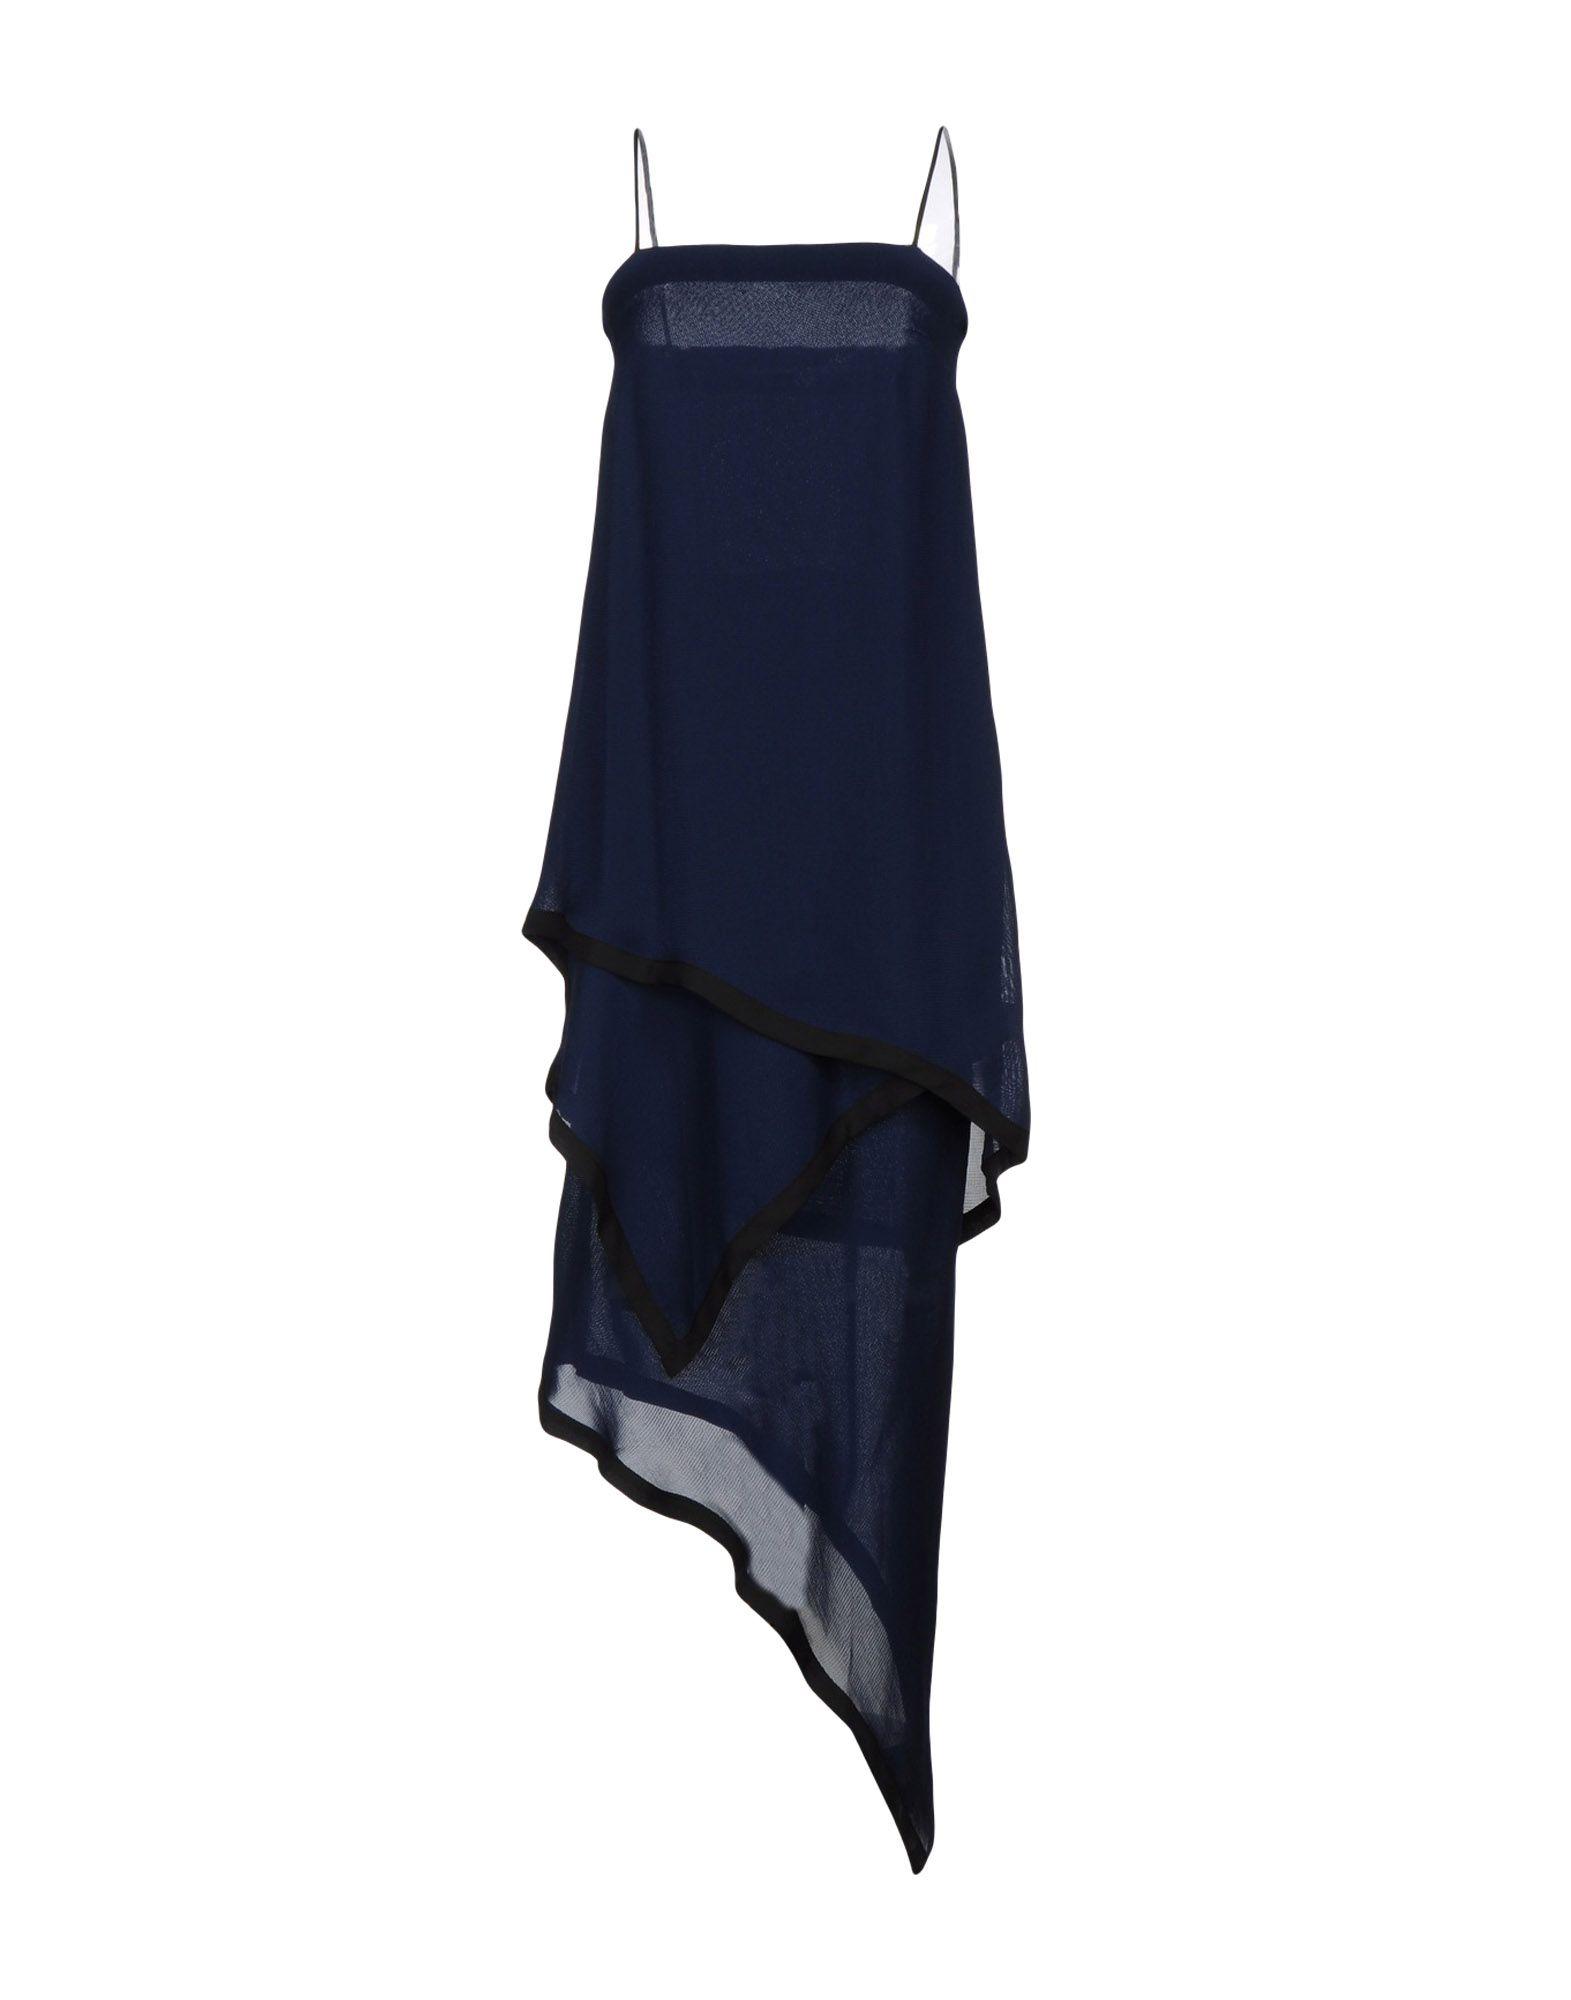 MAISON LAVINIATURRA Платье длиной 3/4 3 3 300 30000